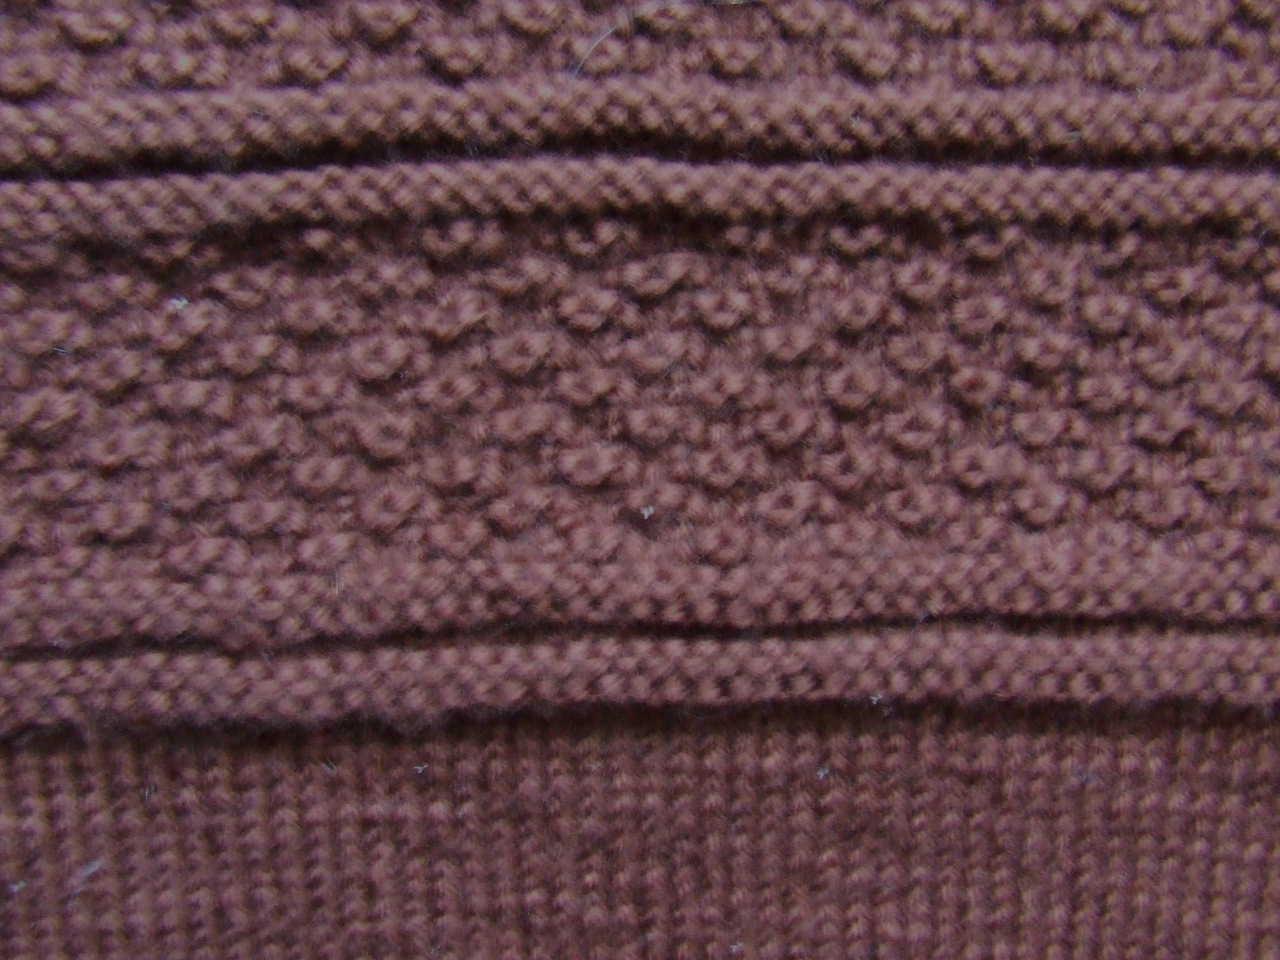 Brown gansey detail